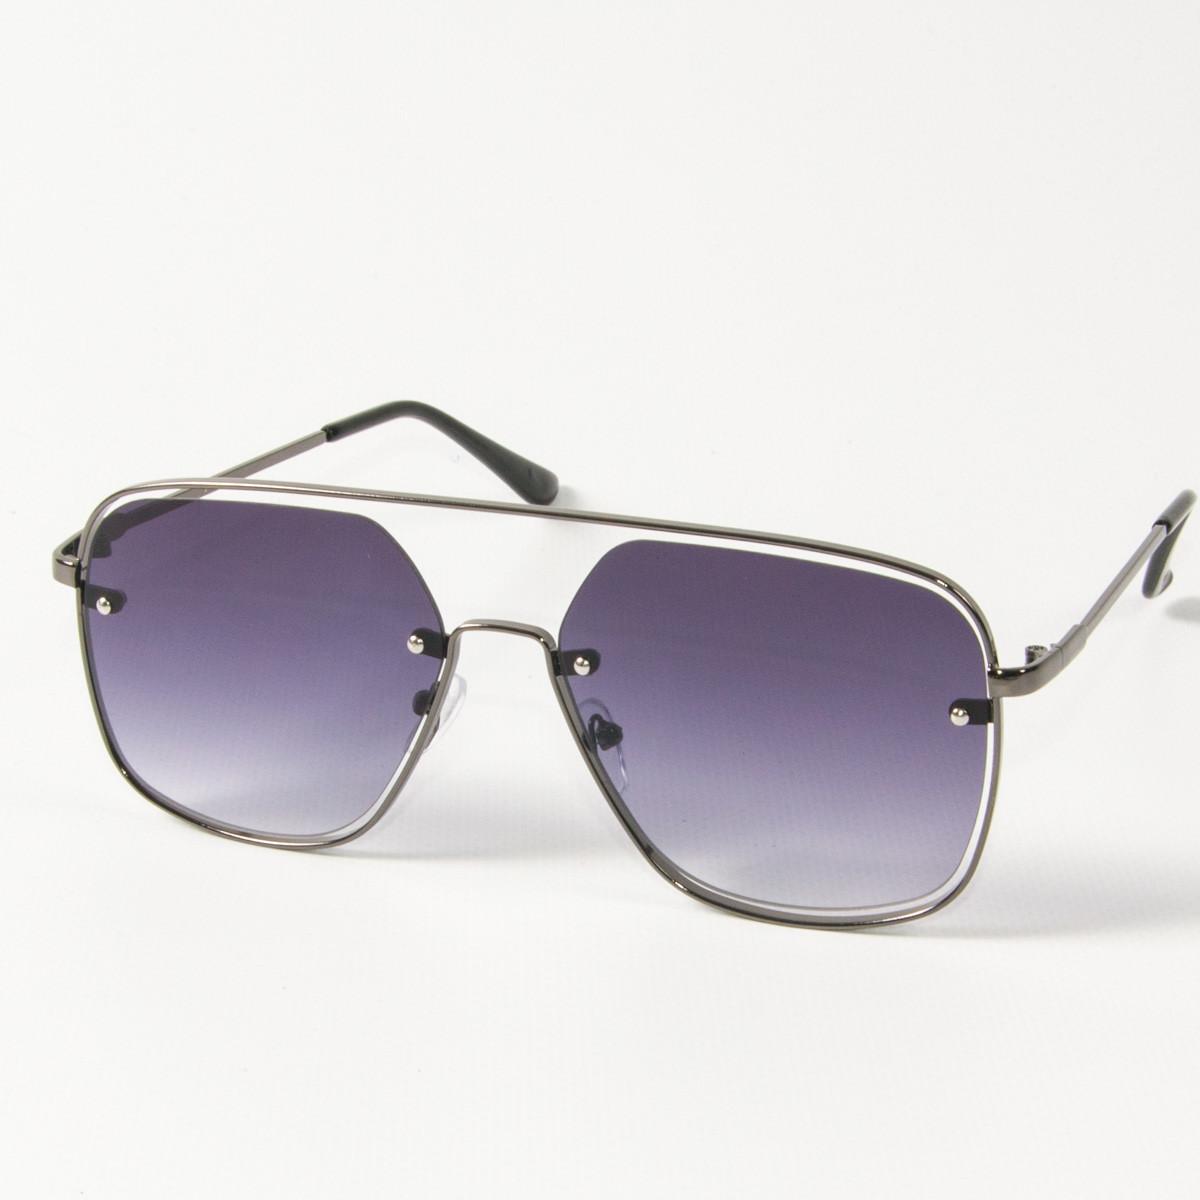 Оптом солнцезащитные квадратные очки (арт. 6249/5) темно-синие